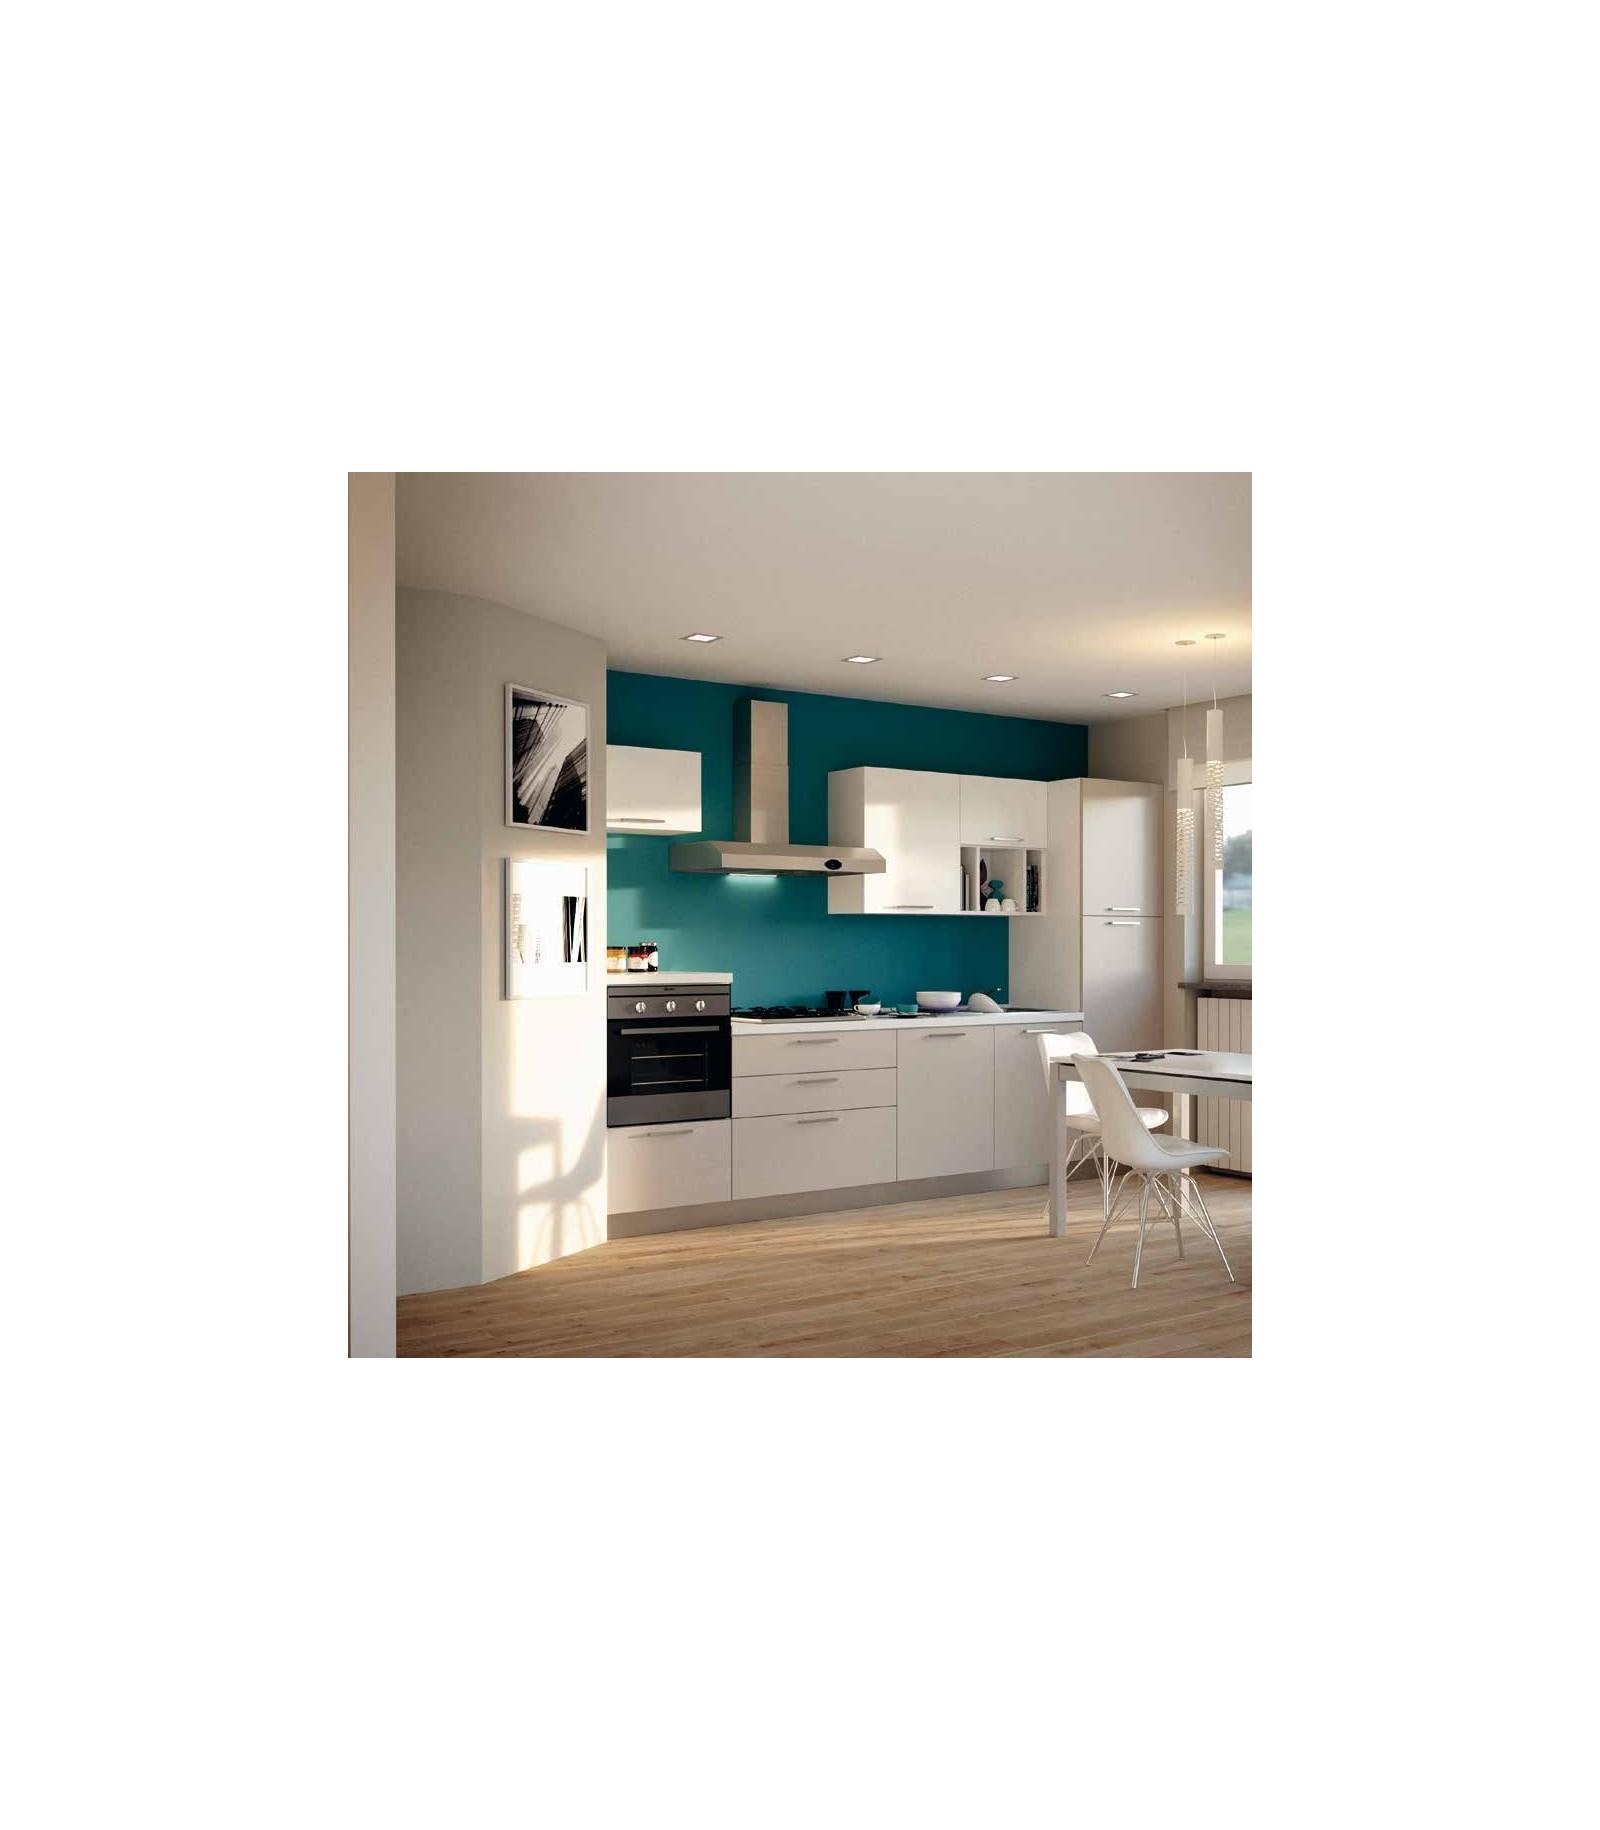 Cucina 03 lunghezza 330 cm mariotti casa - Lunghezza cucina ...